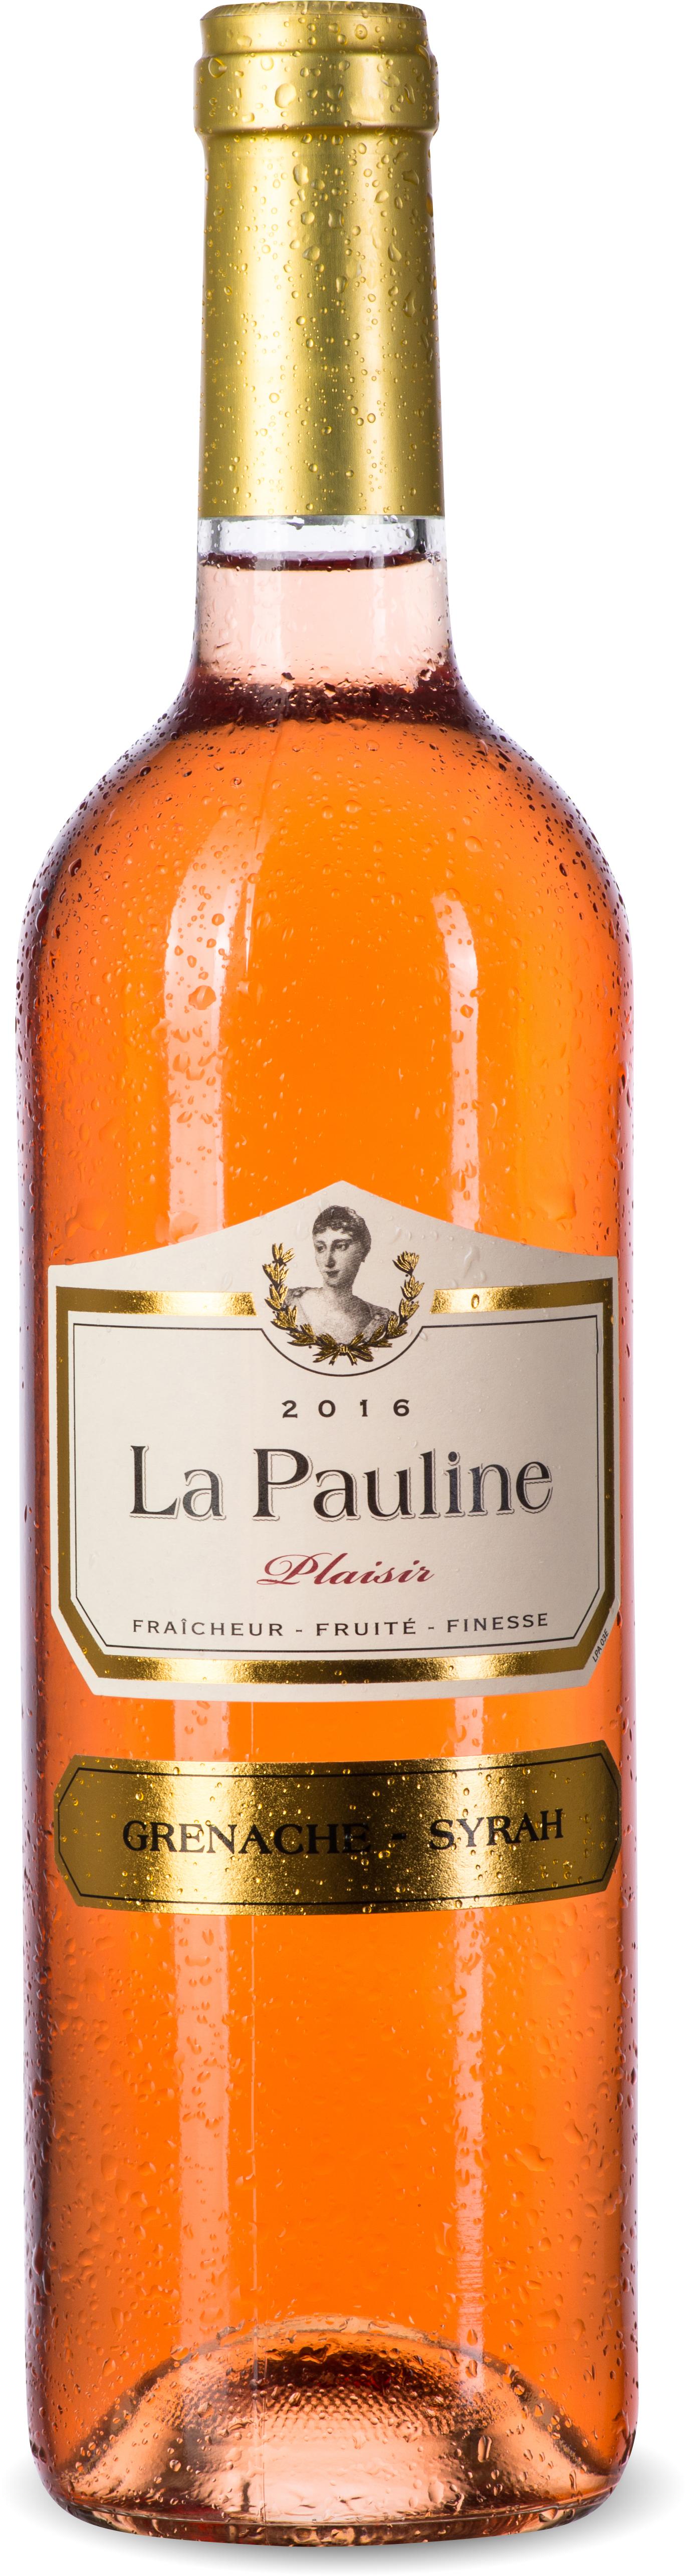 La Pauline Plaisir Rosé Grenache-Syrah IGP Pays d'Oc